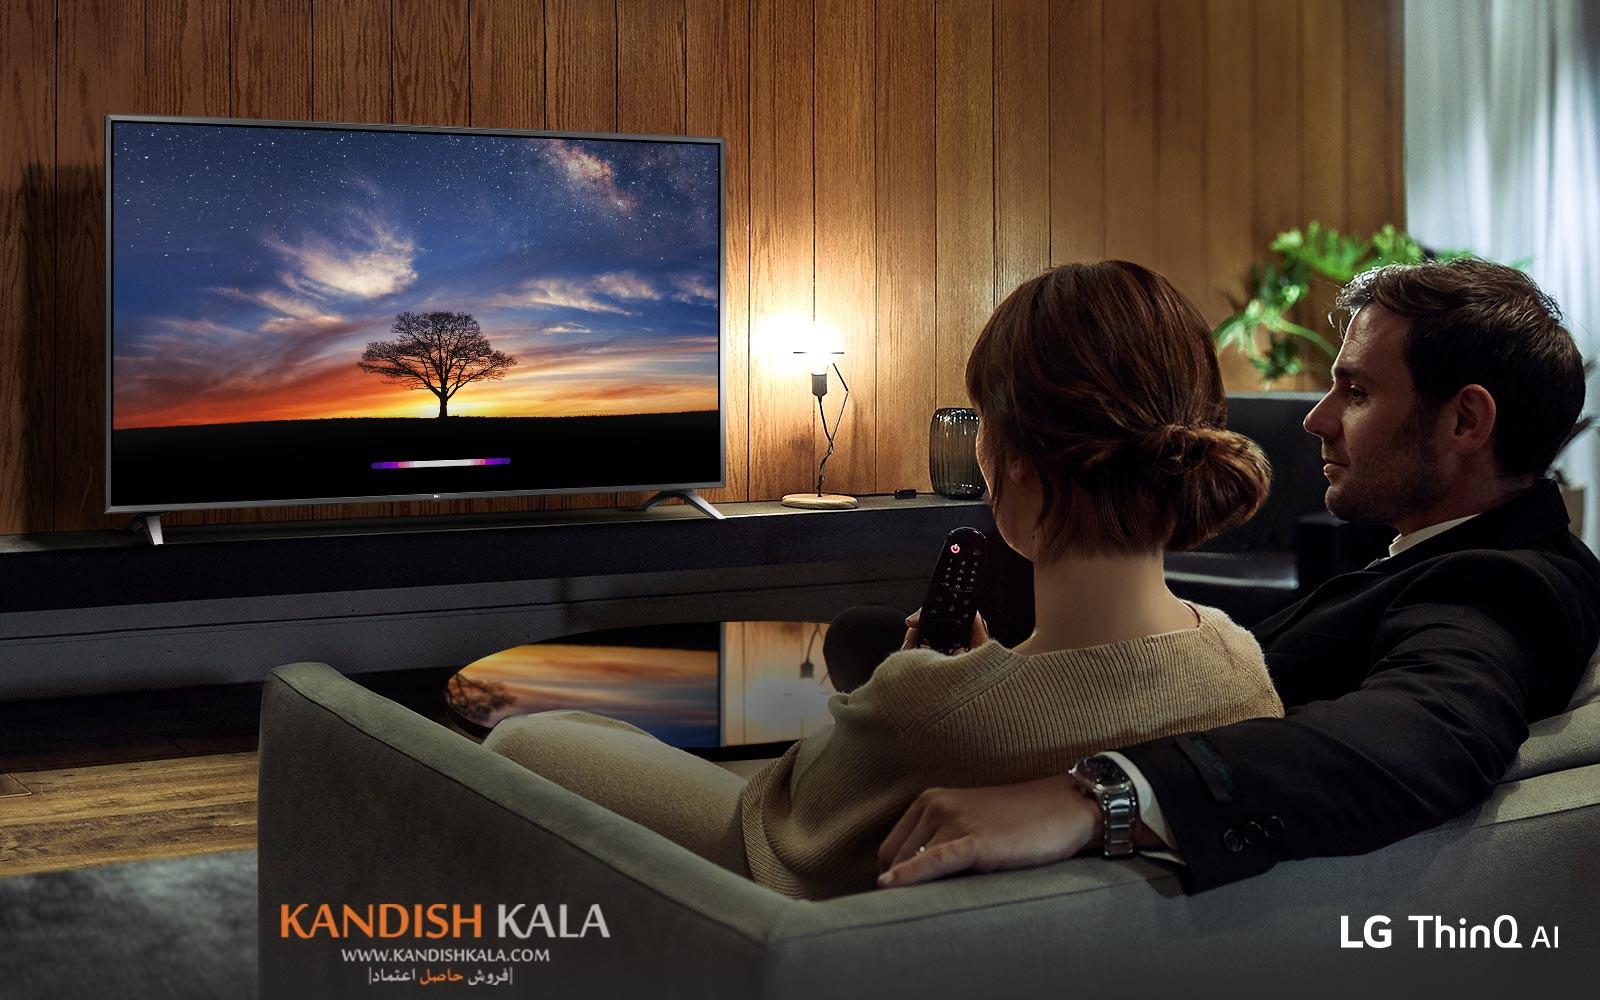 قیمت تلویزیون 43 ال جی مدل 43UM7340